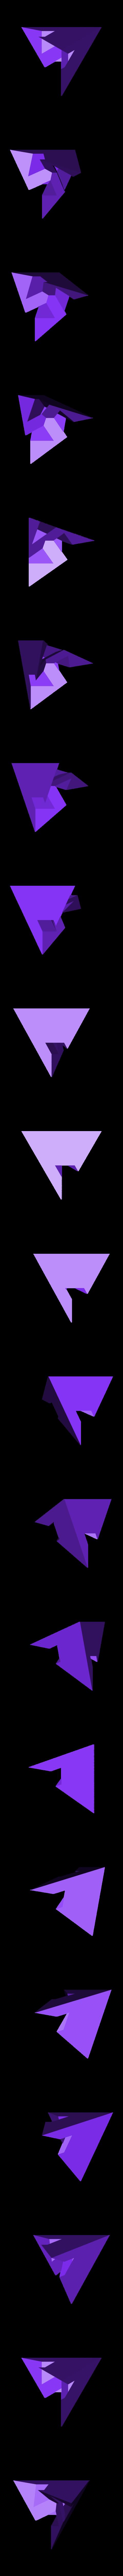 HeptagonalDodecahedronA_C3_3_flat.stl Télécharger fichier STL gratuit Dodécaèdre heptagonal (type A) (forme C3-symétrique 3) • Modèle à imprimer en 3D, tone001